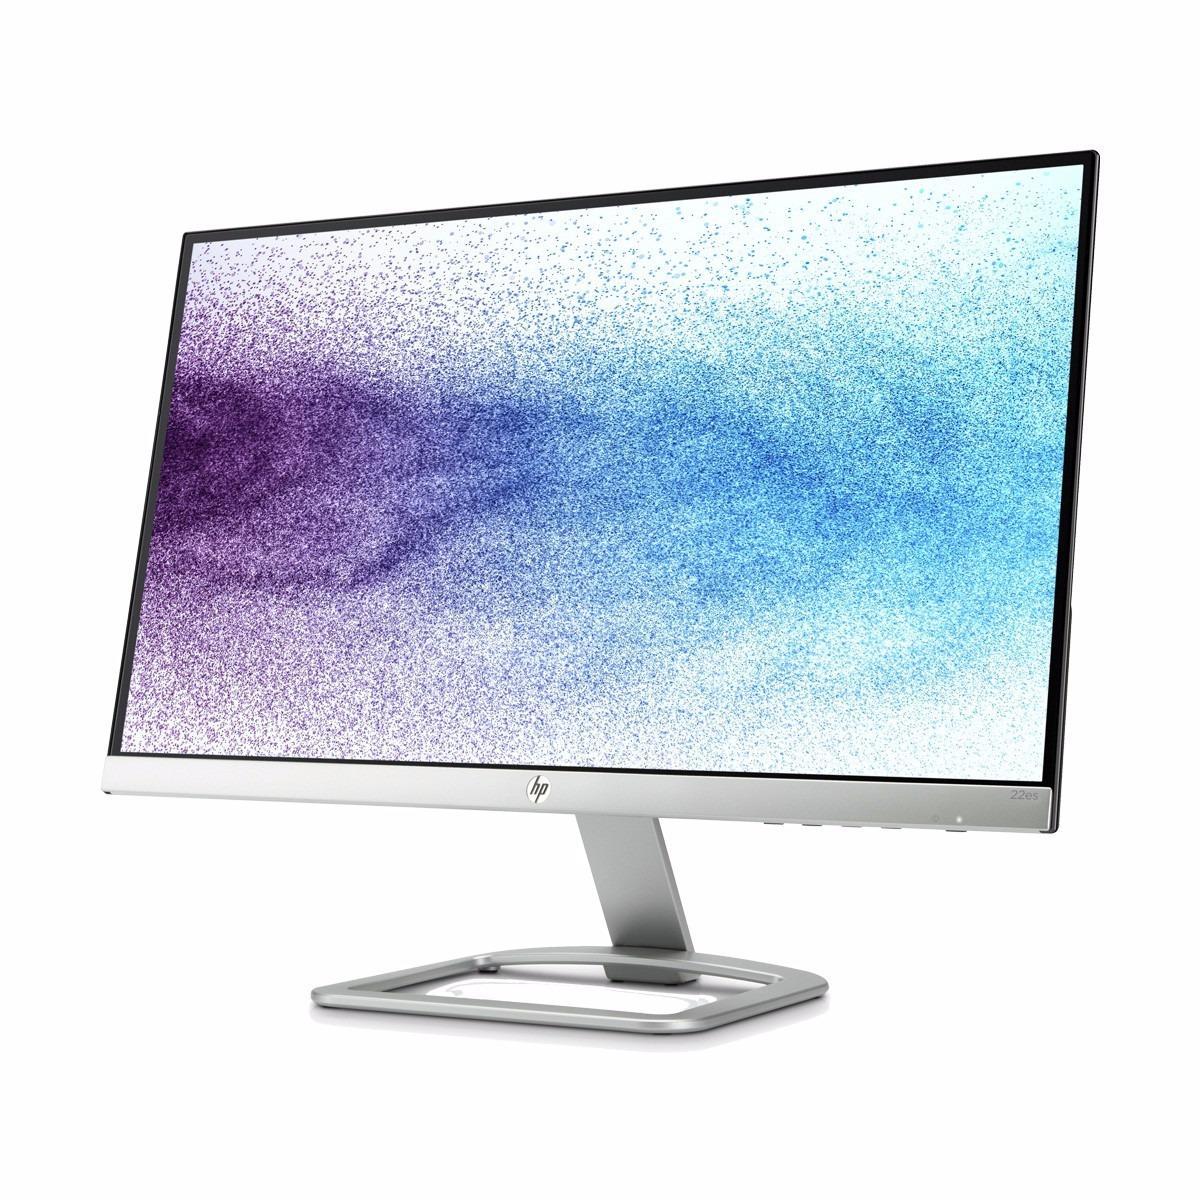 Hình ảnh Màn hình vi tính LCD HP 22es 21.5inch